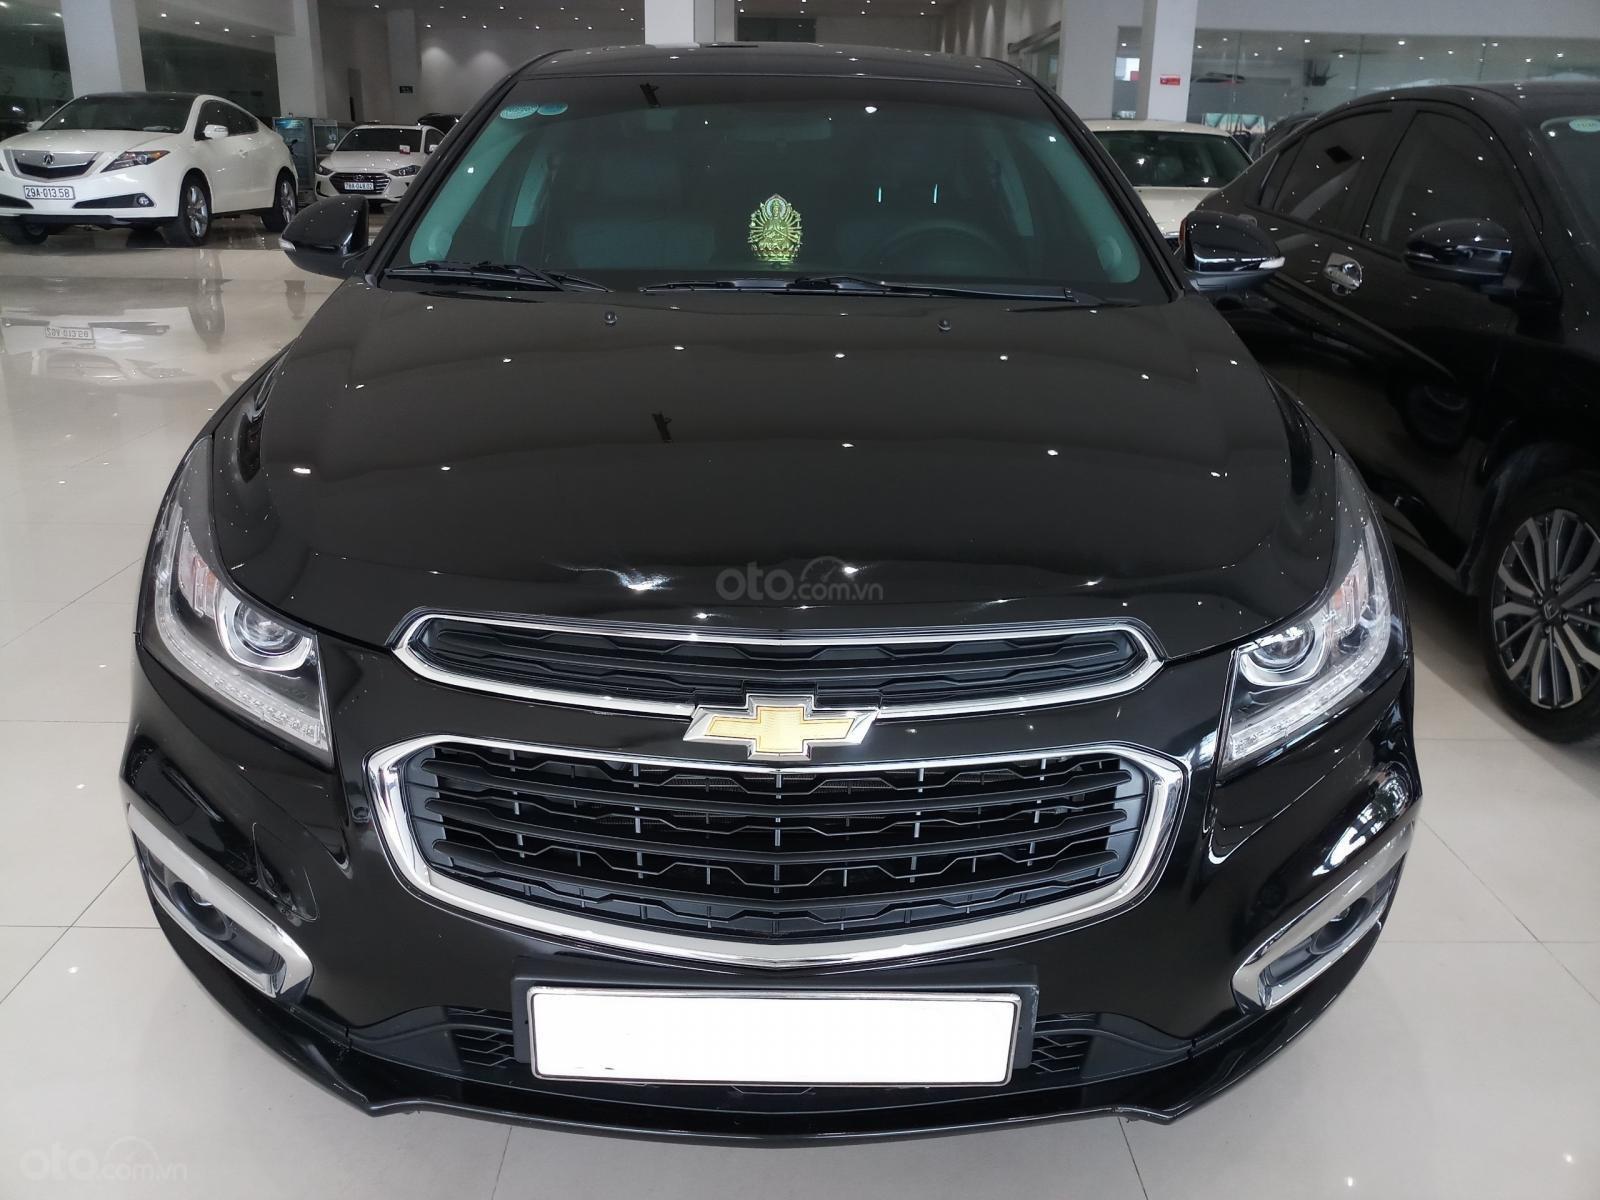 Bán Chevrolet Cruze LTZ 1.8L đời 2017, màu đen, 490tr TL (1)